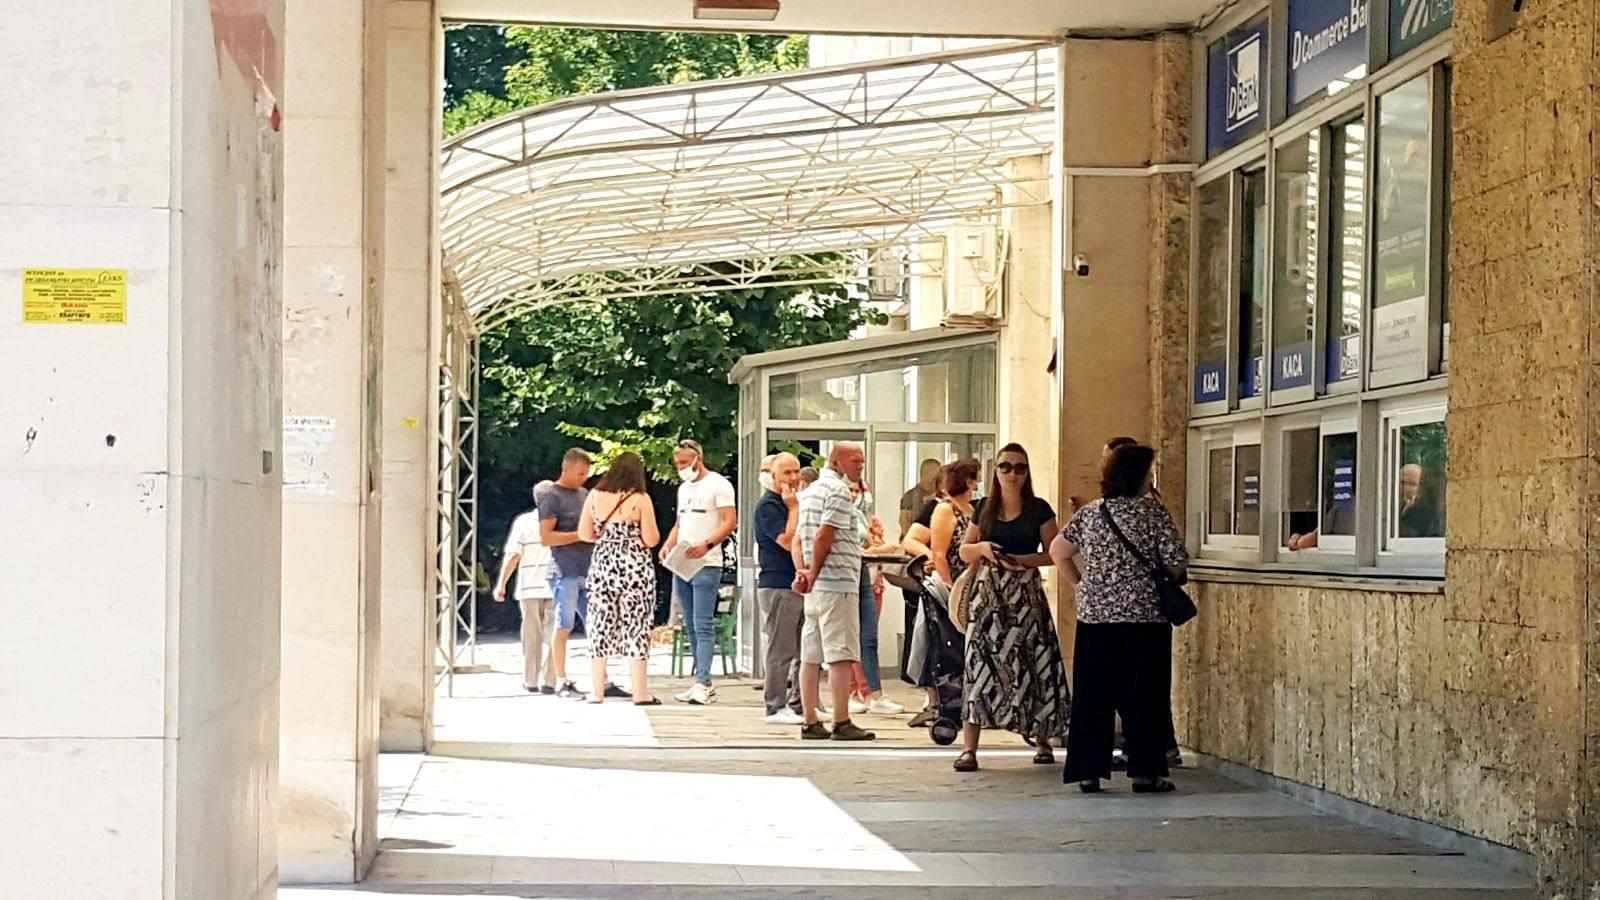 Спокойно пред Паспортна, 4211 заявления за две августовски седмици